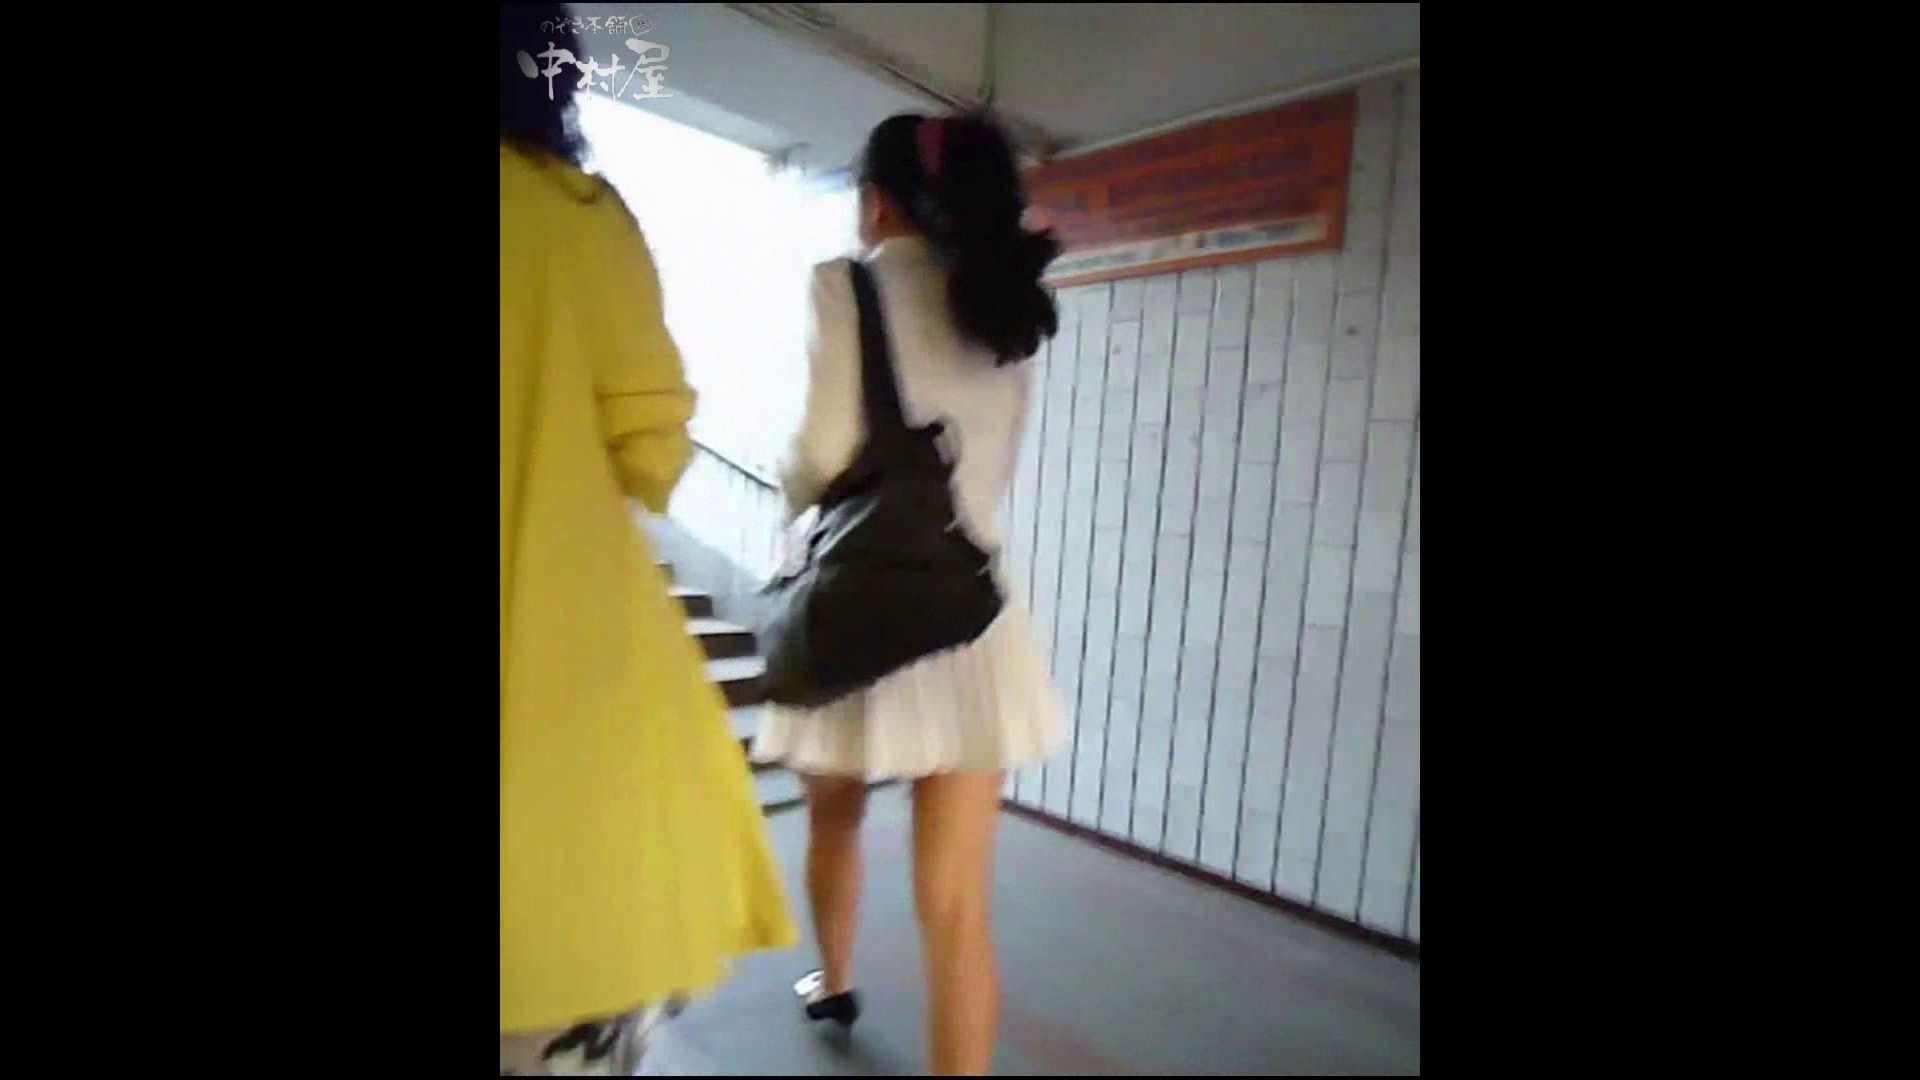 綺麗なモデルさんのスカート捲っちゃおう‼ vol26 Hなお姉さん | HなOL  76pic 36